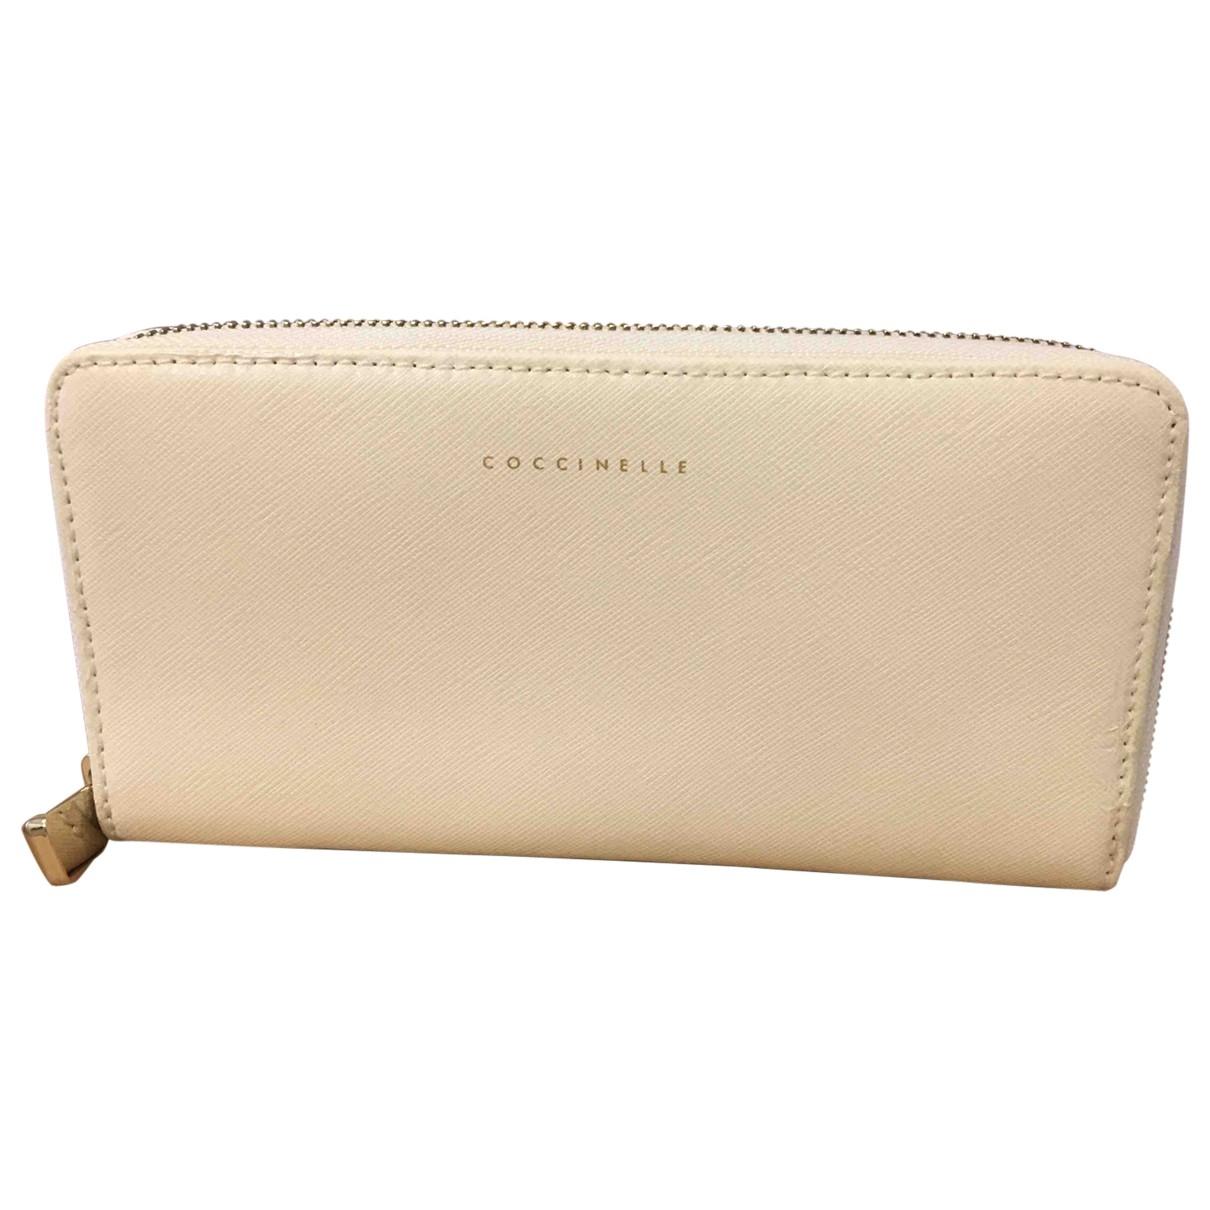 Coccinelle \N Ecru Leather wallet for Women \N